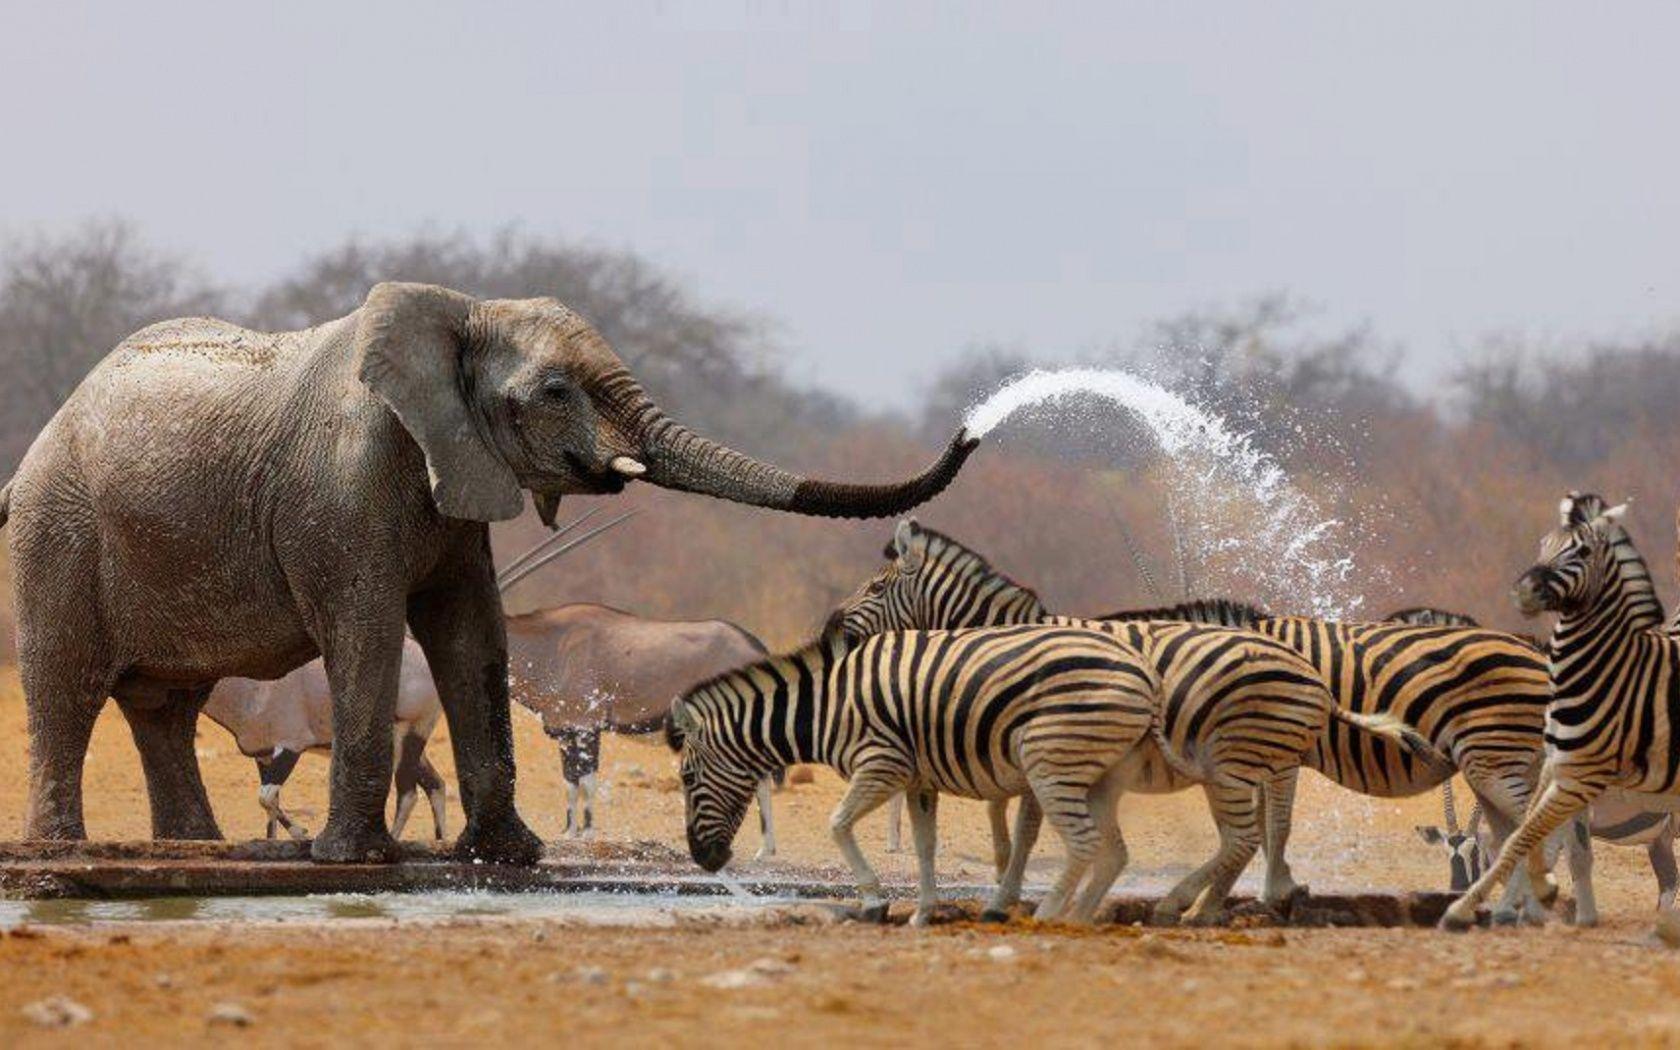 free elephant images